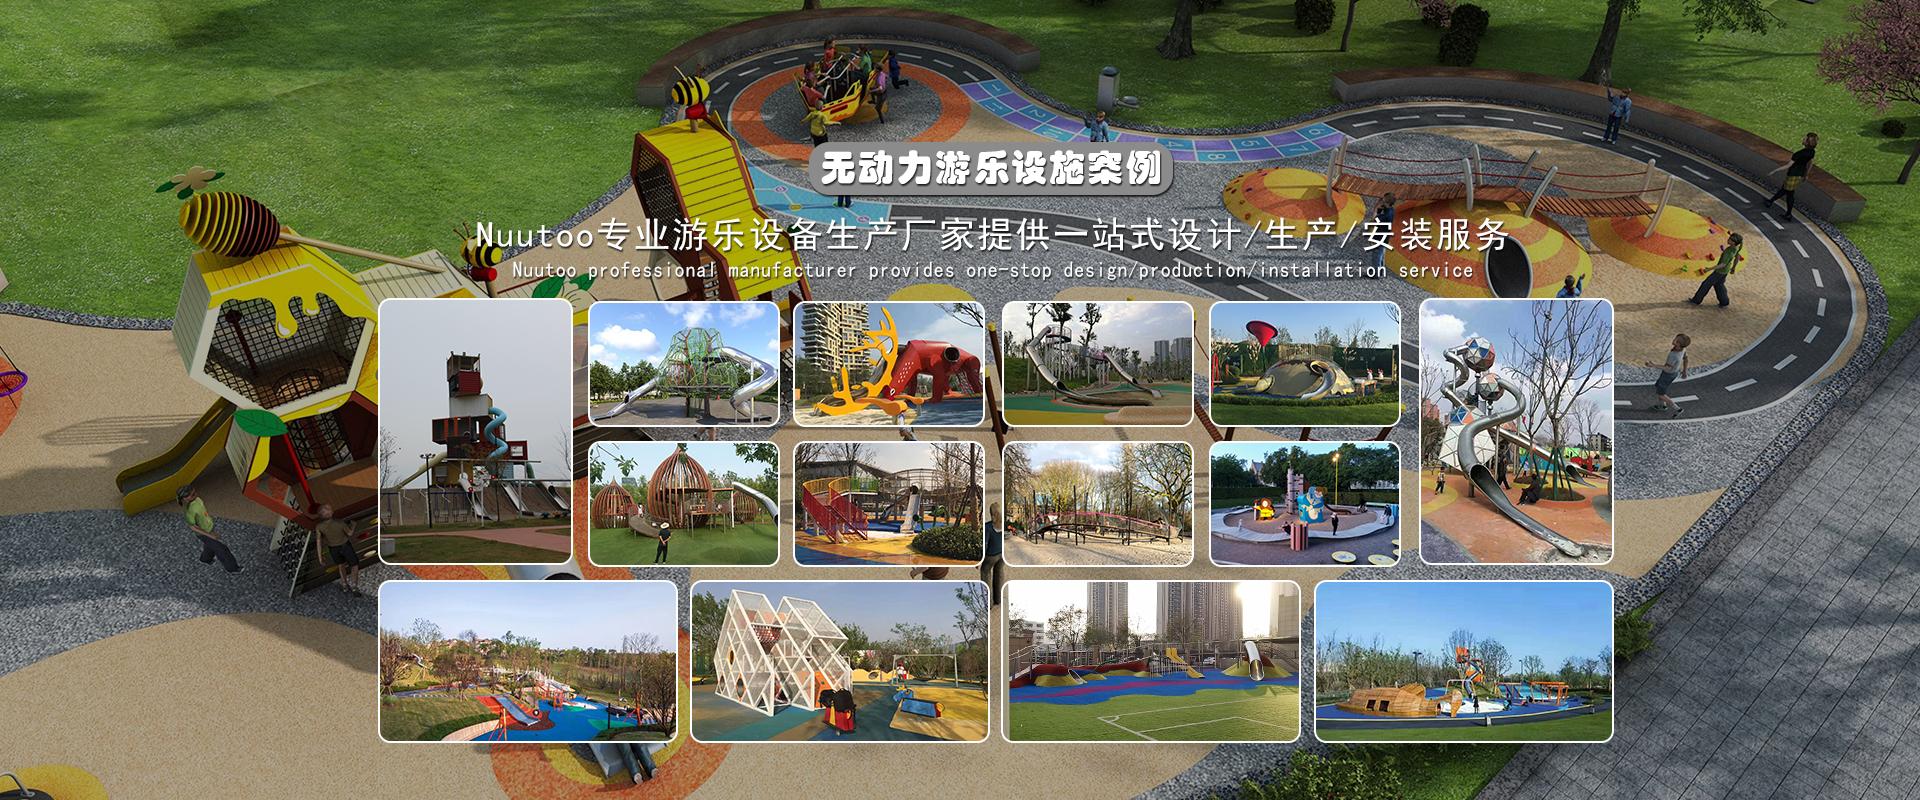 乐图户外非标游乐设备+组合滑梯+不锈钢滑梯+室内儿童乐园设备